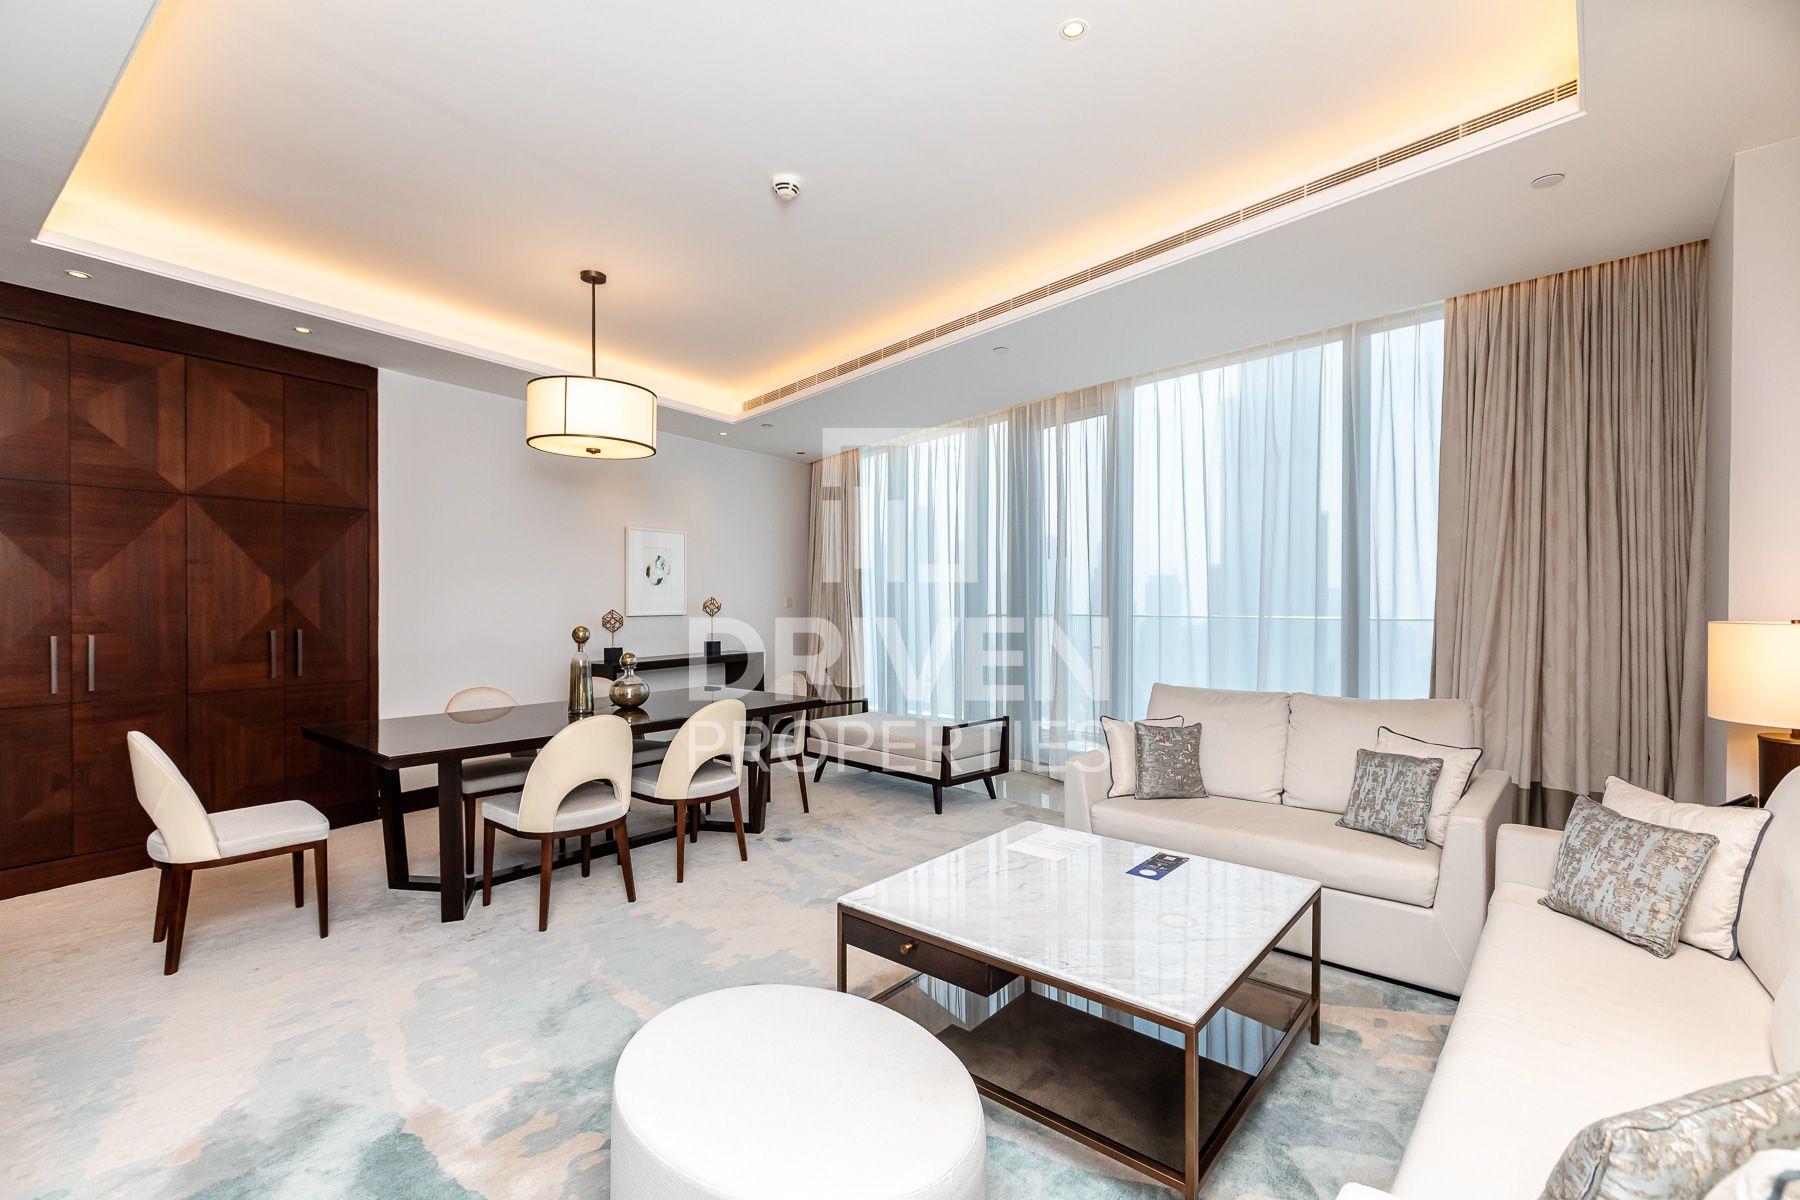 للايجار - شقة - فندق العنوان- سكاي فيو 2 - دبي وسط المدينة